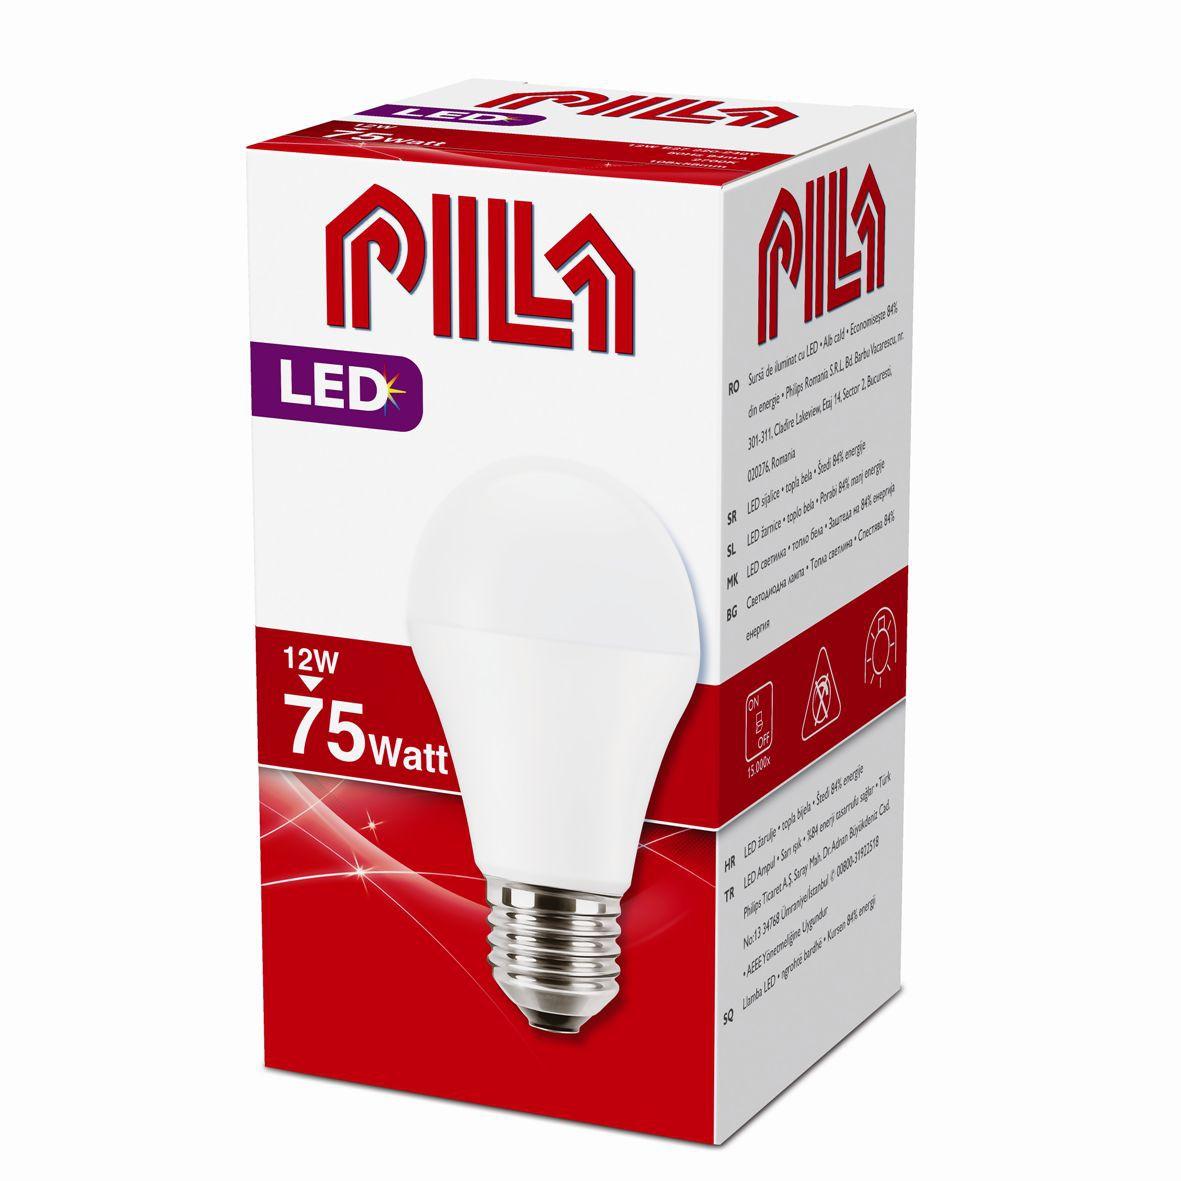 Philips Pila LED žárovka 12W 75W E27 teplá bílá FR 150°